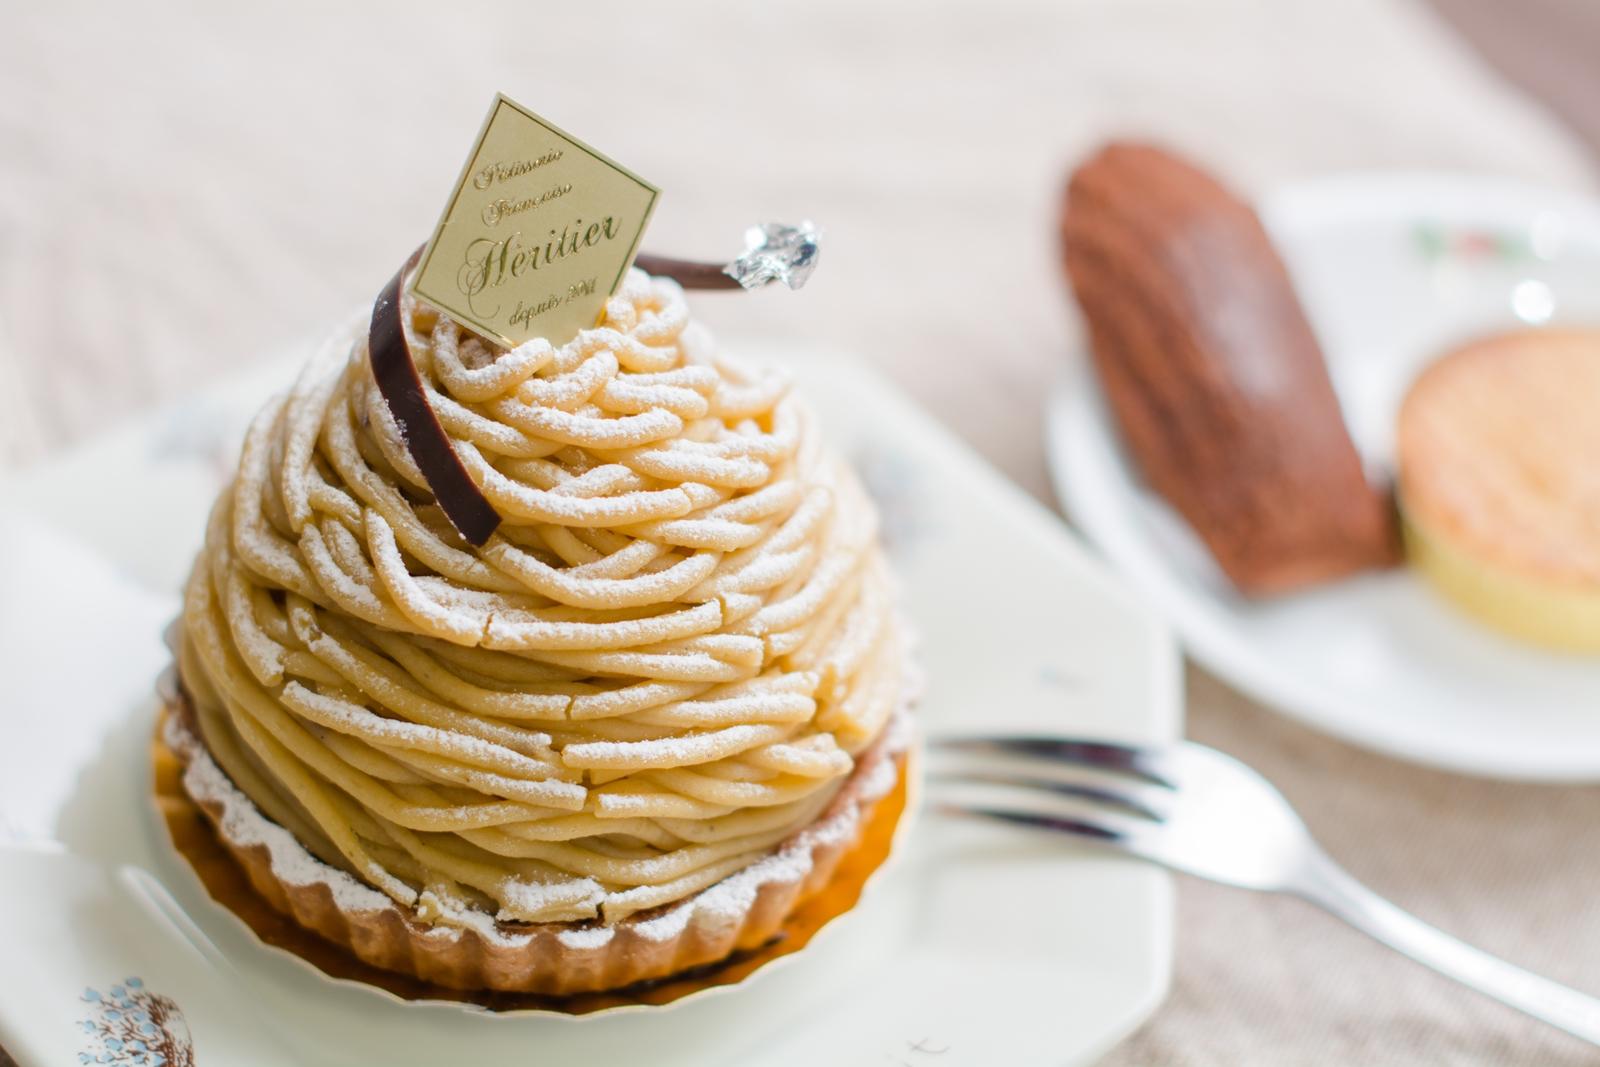 Photo: 「WA・GU・RI」 フランス菓子 エリティエ  エリティエさんの和栗のモンブランです♪ 以前いただいた「HAKUSAN」というモンブランよりも 栗の風味が強くサイズも一回り大きいので 栗のスイーツに目がない方には ぜひオススメしたい一品です☆ たっぷりと絞られたマロンクリームの中には ホイップクリームもたっぷりと♪ 栗の実もころっと隠れています^^ そこはサクッとしたタルト生地になっていて 生地もしっかりと楽しめるのが嬉しいですね!  それからお供に焼き菓子を♪ 「マドレーヌ・ショコラ」と 「ガレット・ブルトンヌ」です。 マドレーヌは弾力のある生地が 口に入るとほろっと溶けて ショコラが心地良く口に広がり、 ガレットの方はサックサクな食感に 香ばしさを楽しむことができました^^  「 +フランス菓子 エリティエ 」 < http://goo.gl/IwWEoa > #ケーキの日 #ごちそうフォト #cooljapan #365cooljapanmay Nikon D7100 Nikon AF-S NIKKOR 50mm f/1.4G [ Day180, November 8th ]